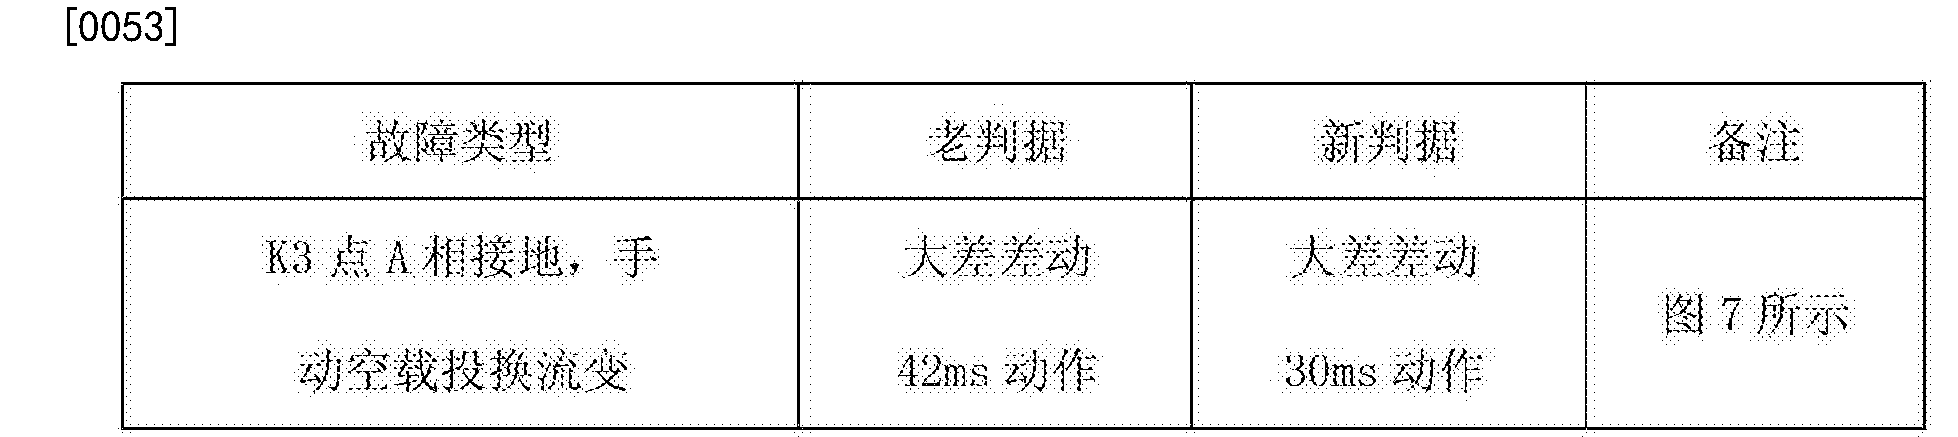 Figure CN103336197BD00061